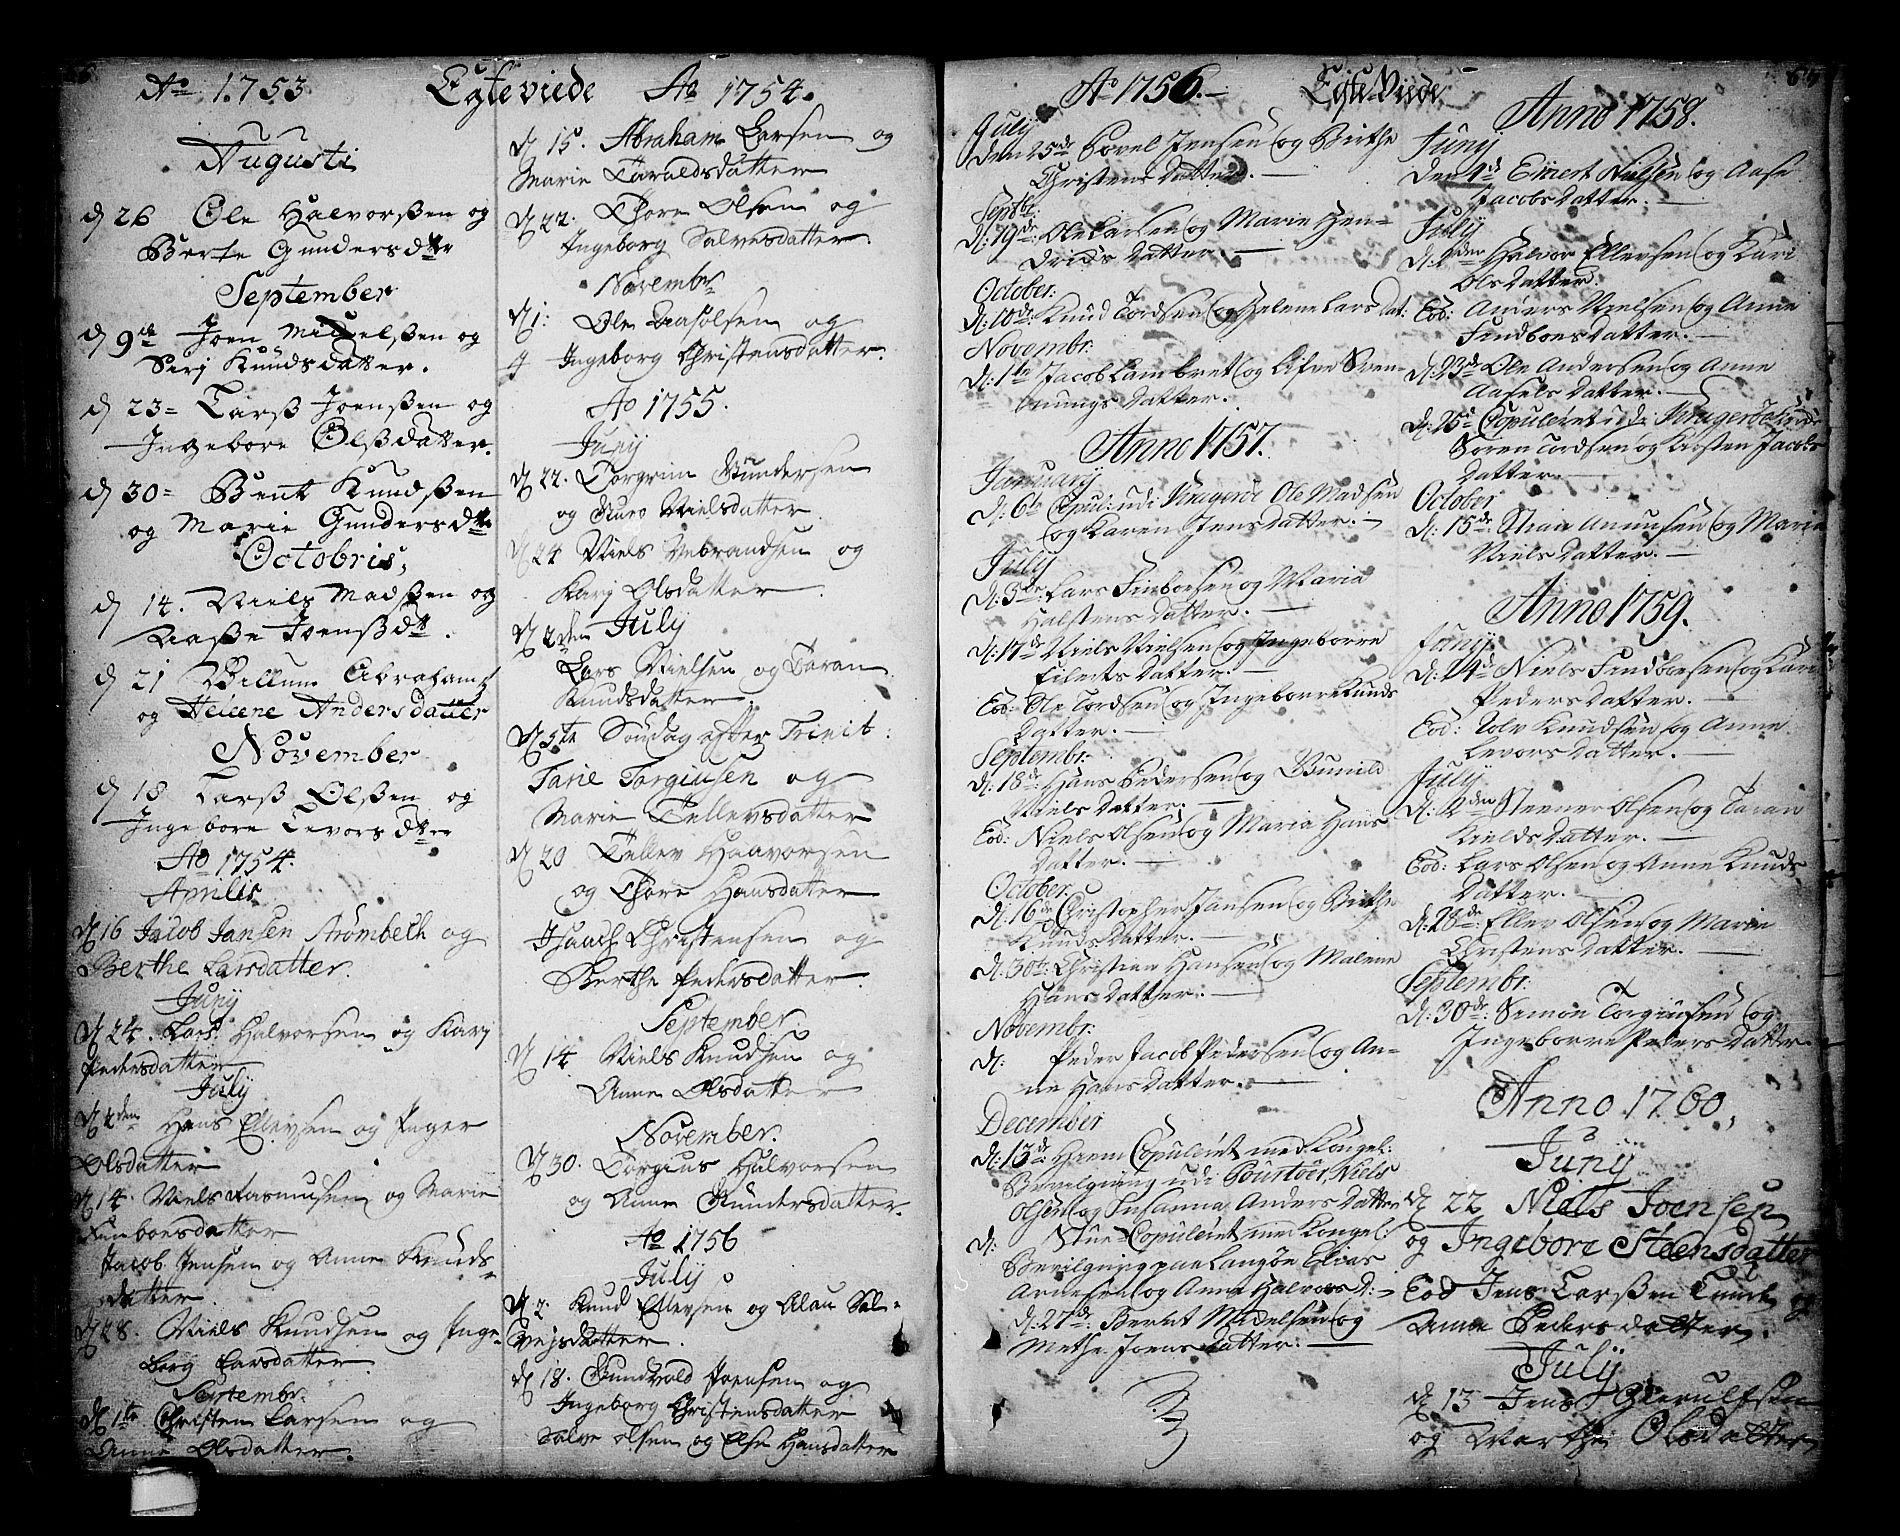 SAKO, Sannidal kirkebøker, F/Fa/L0001: Ministerialbok nr. 1, 1702-1766, s. 66-67